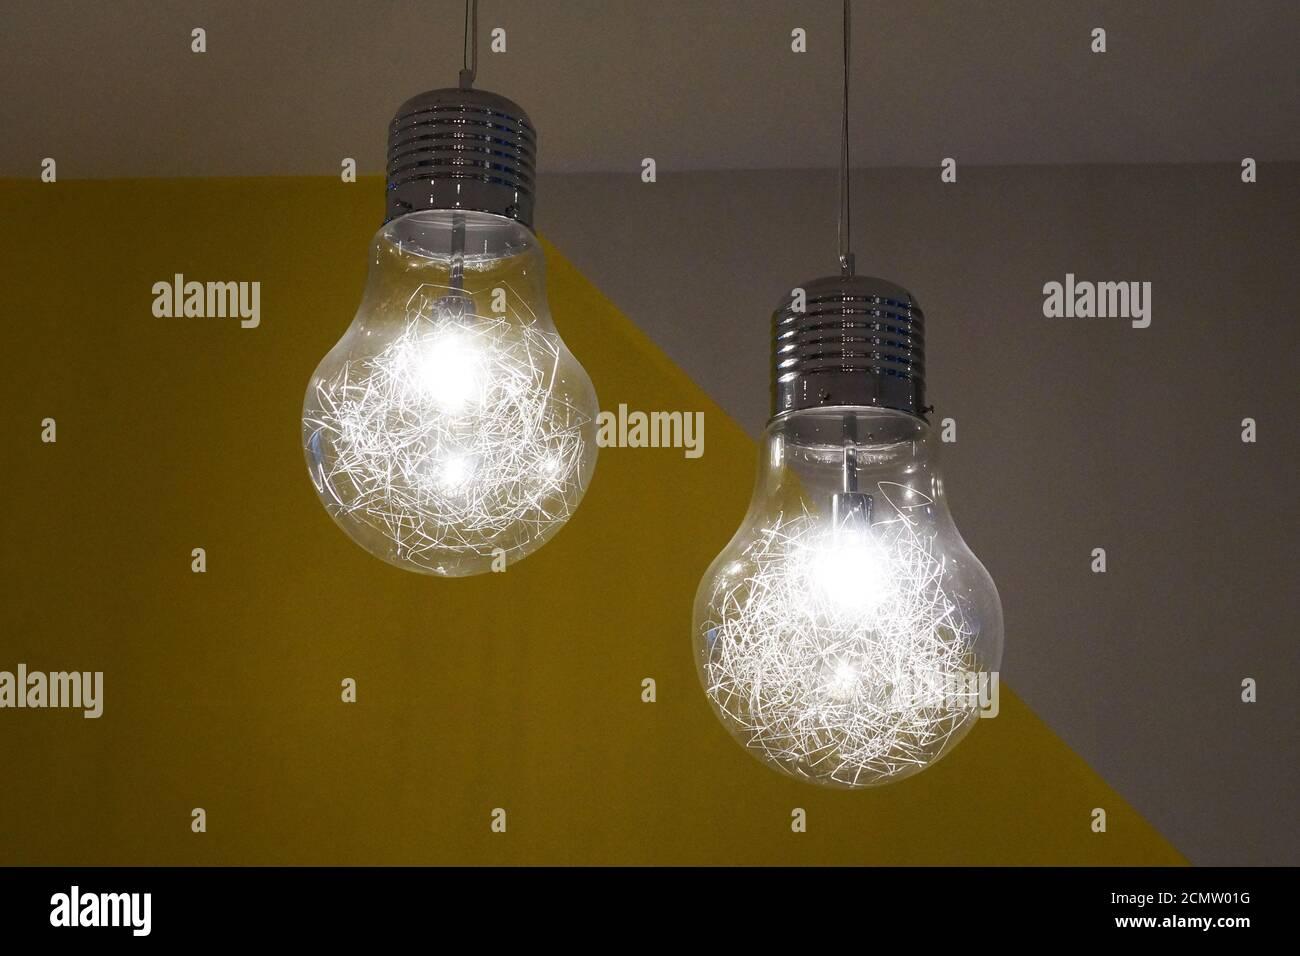 deux lustres en feu sous forme d'ampoules ordinaires le plafond Banque D'Images